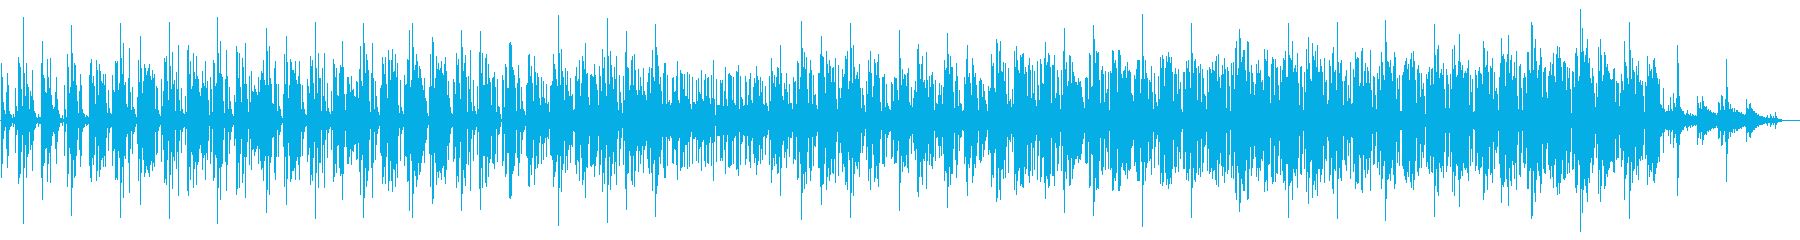 緊迫感とヘビーさのあるミニマルテクノの再生済みの波形